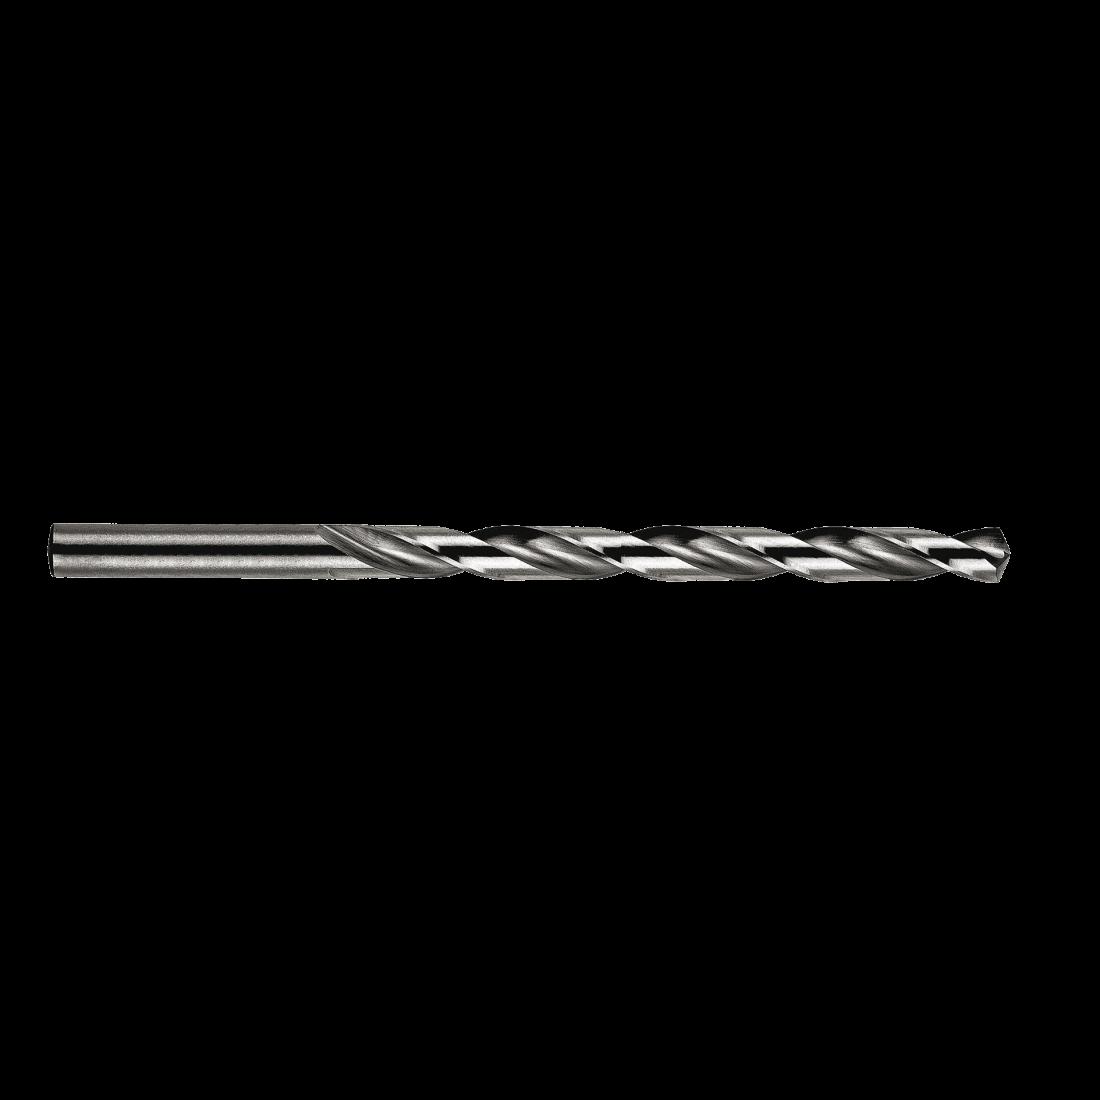 Сверлo по металлу Heller НSS-G Super DIN 340 сверхдлиннoе 8х109х165мм